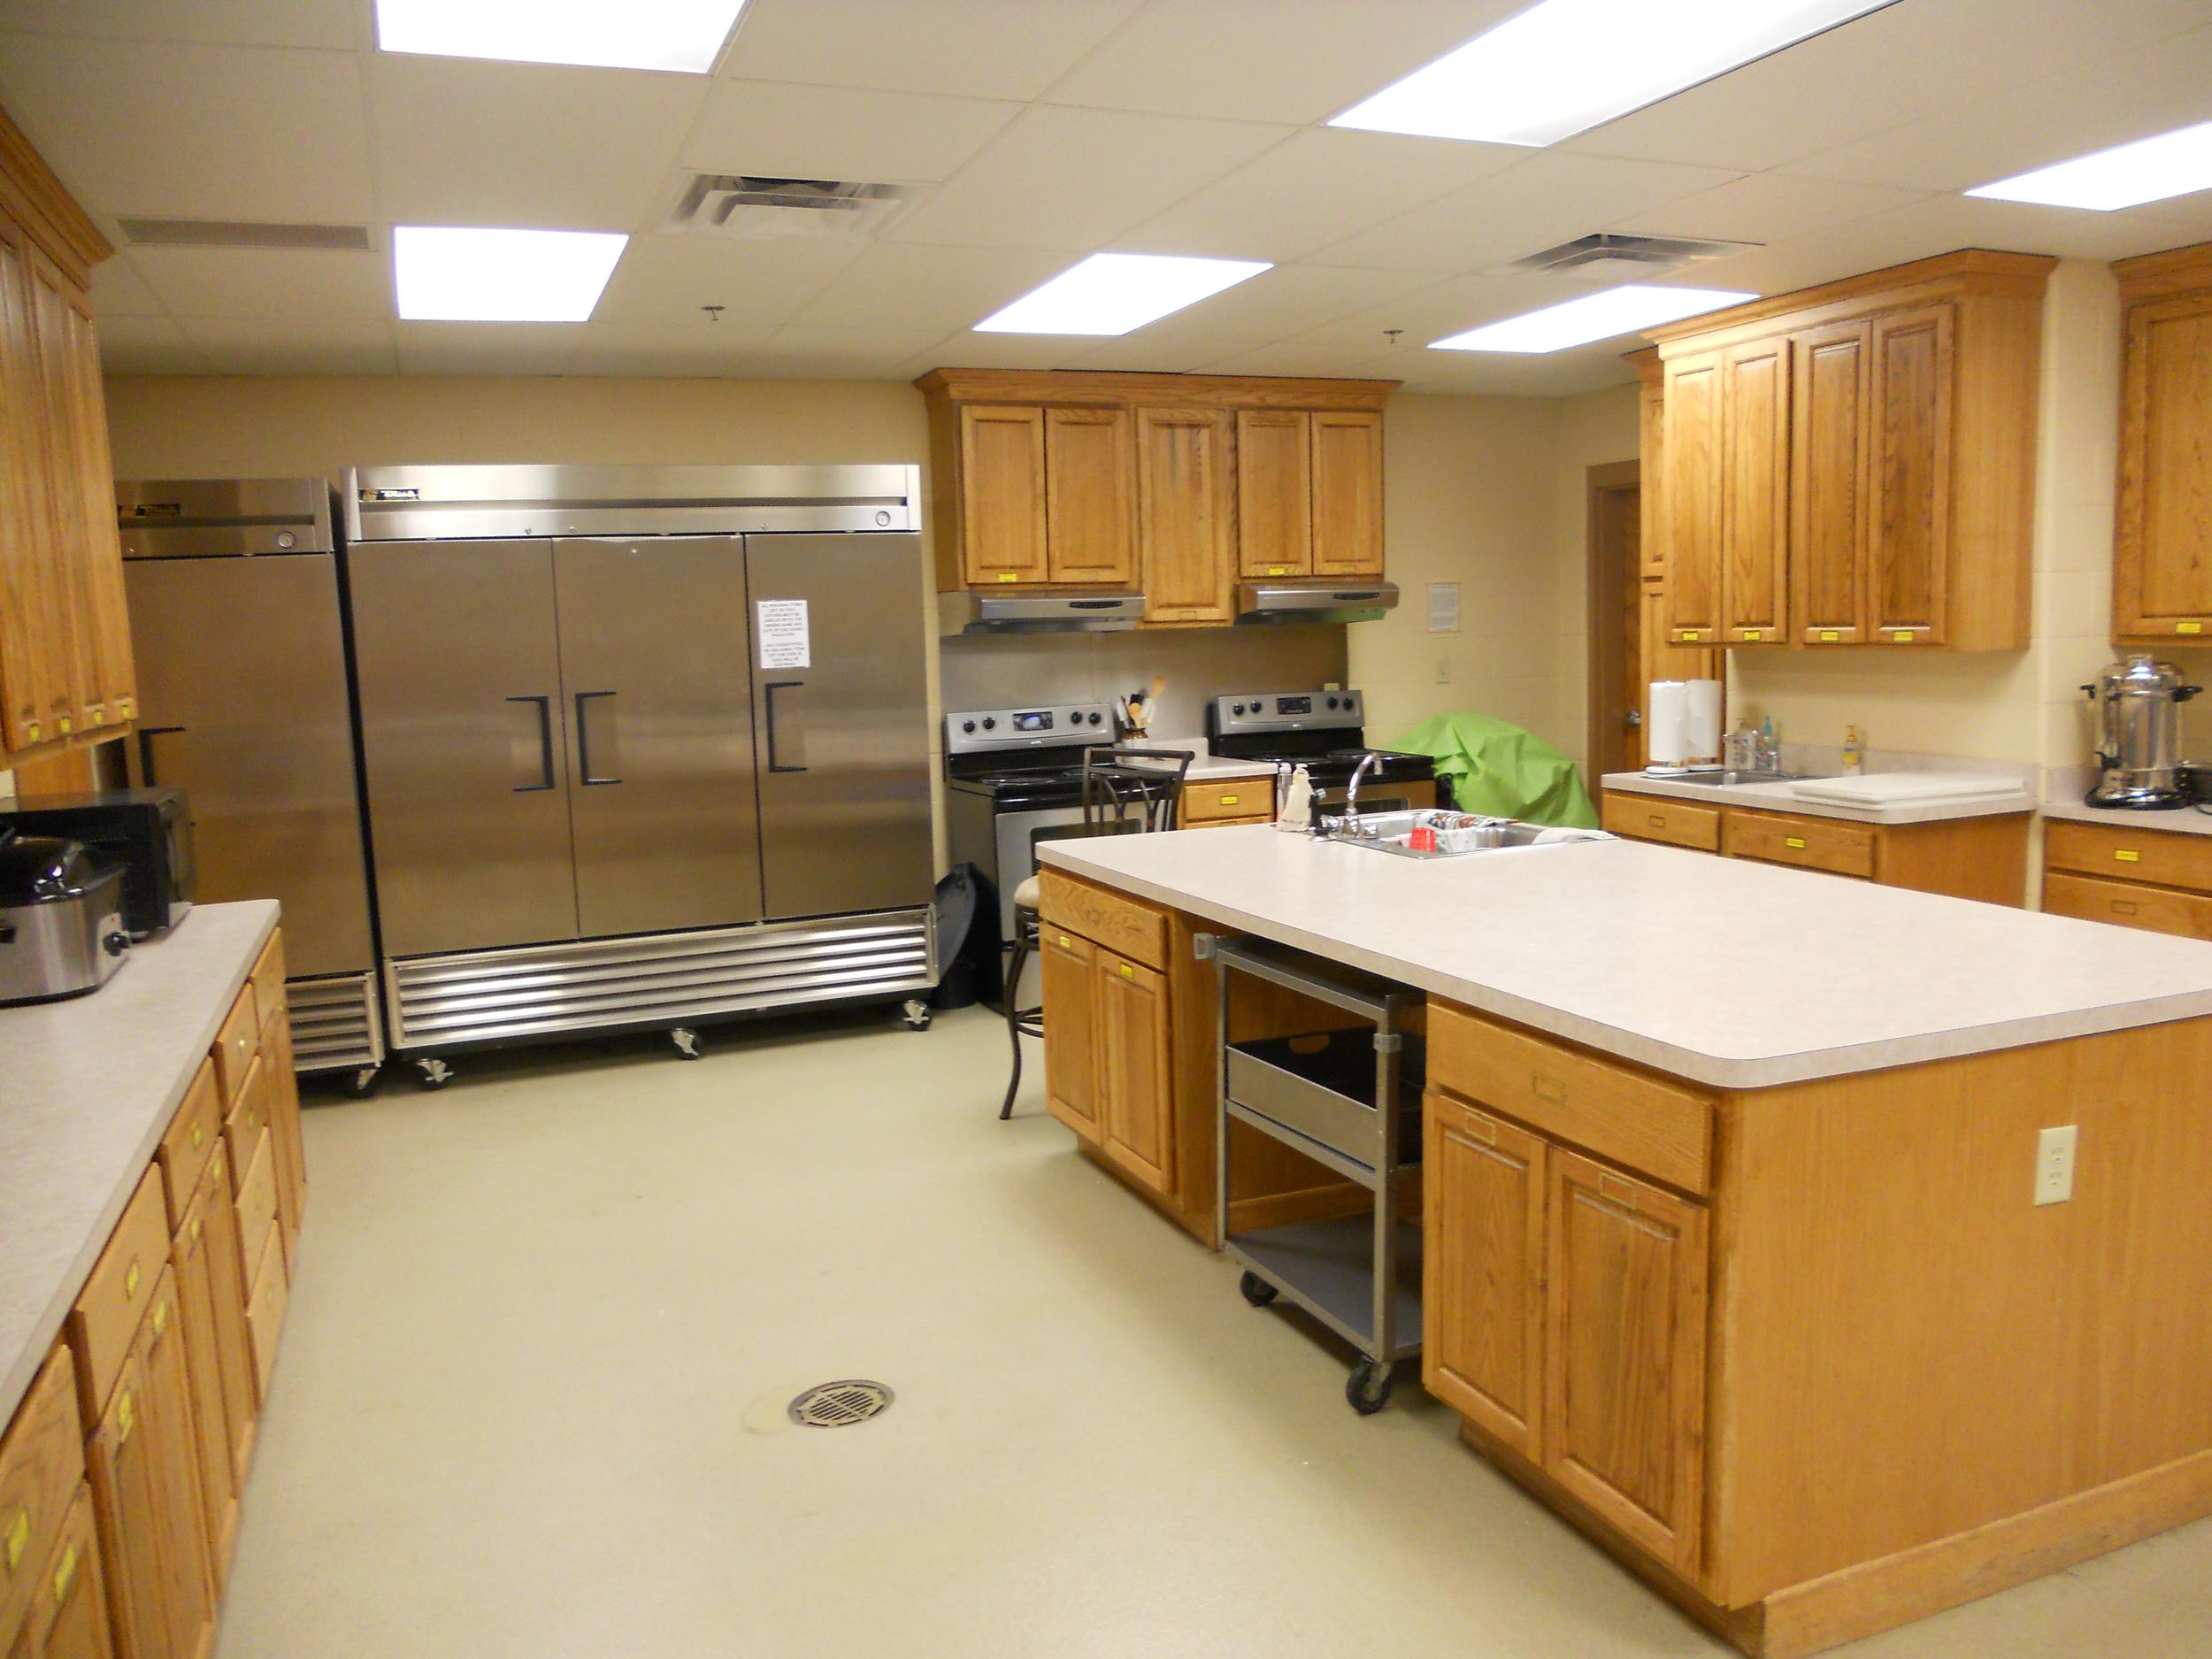 Kitchen C View 1